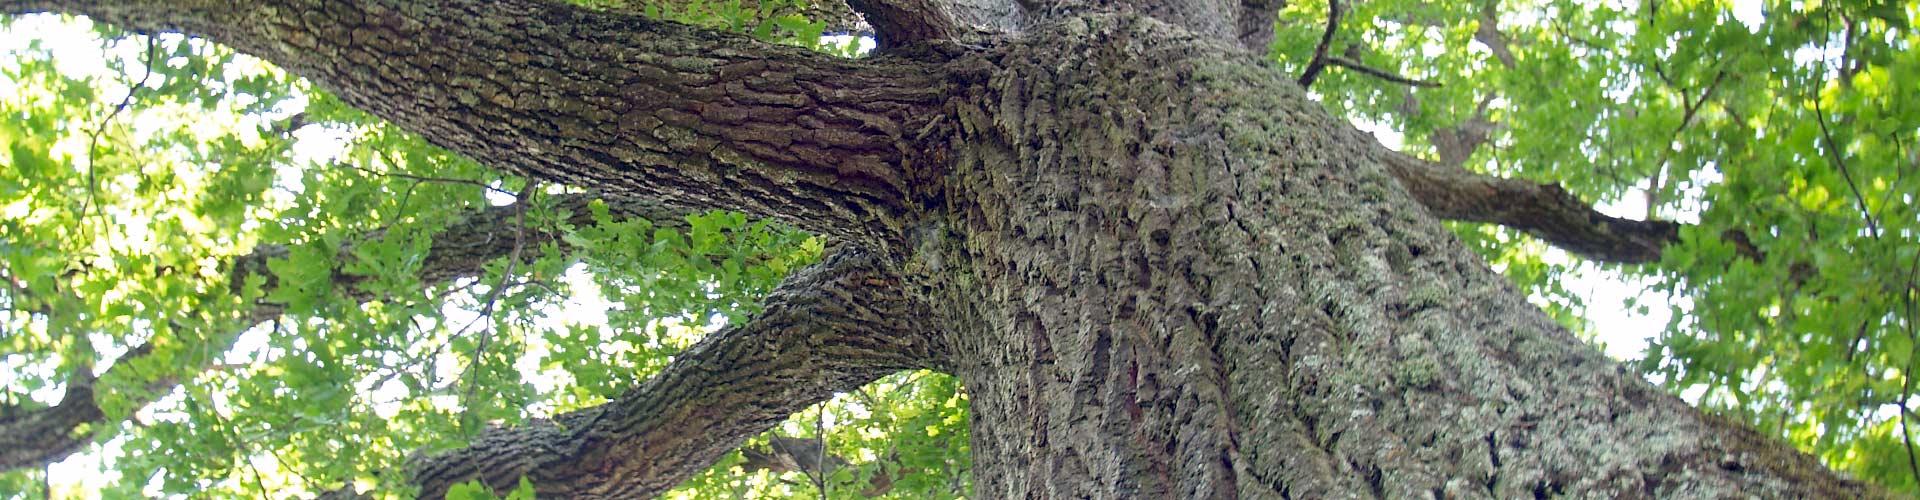 Bild Baum Schreiner Menge